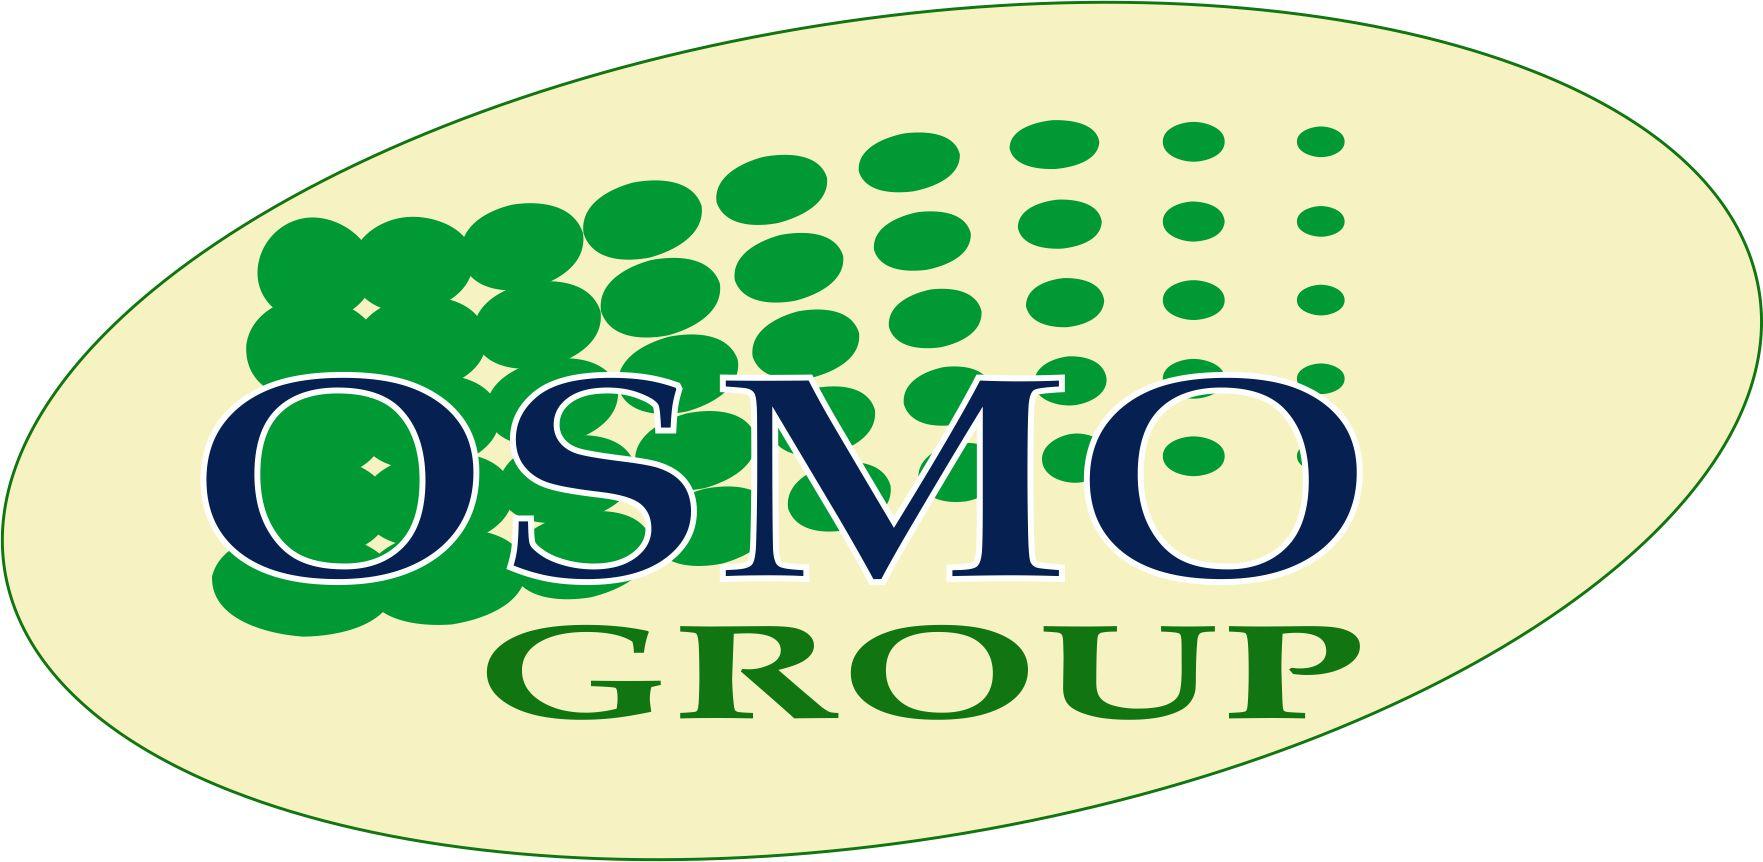 Создание логотипа для строительной компании OSMO group  фото f_58459b42b26d8267.jpg